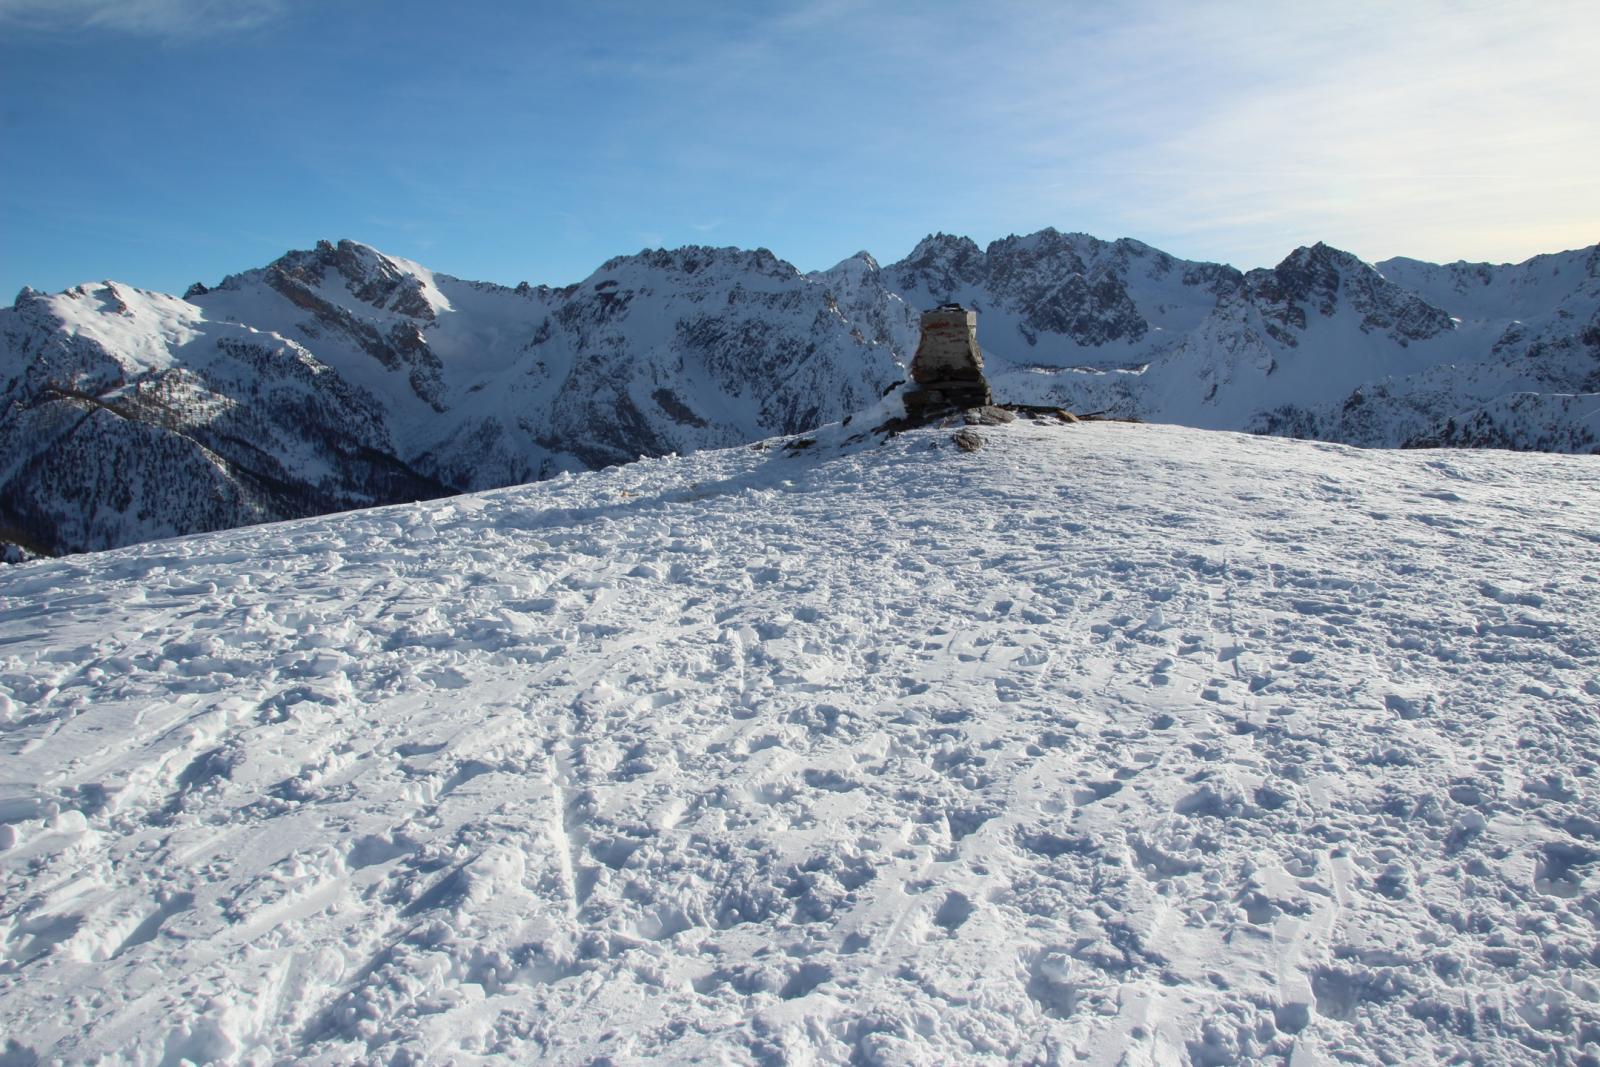 l'ampia vetta del Monte Estelletta